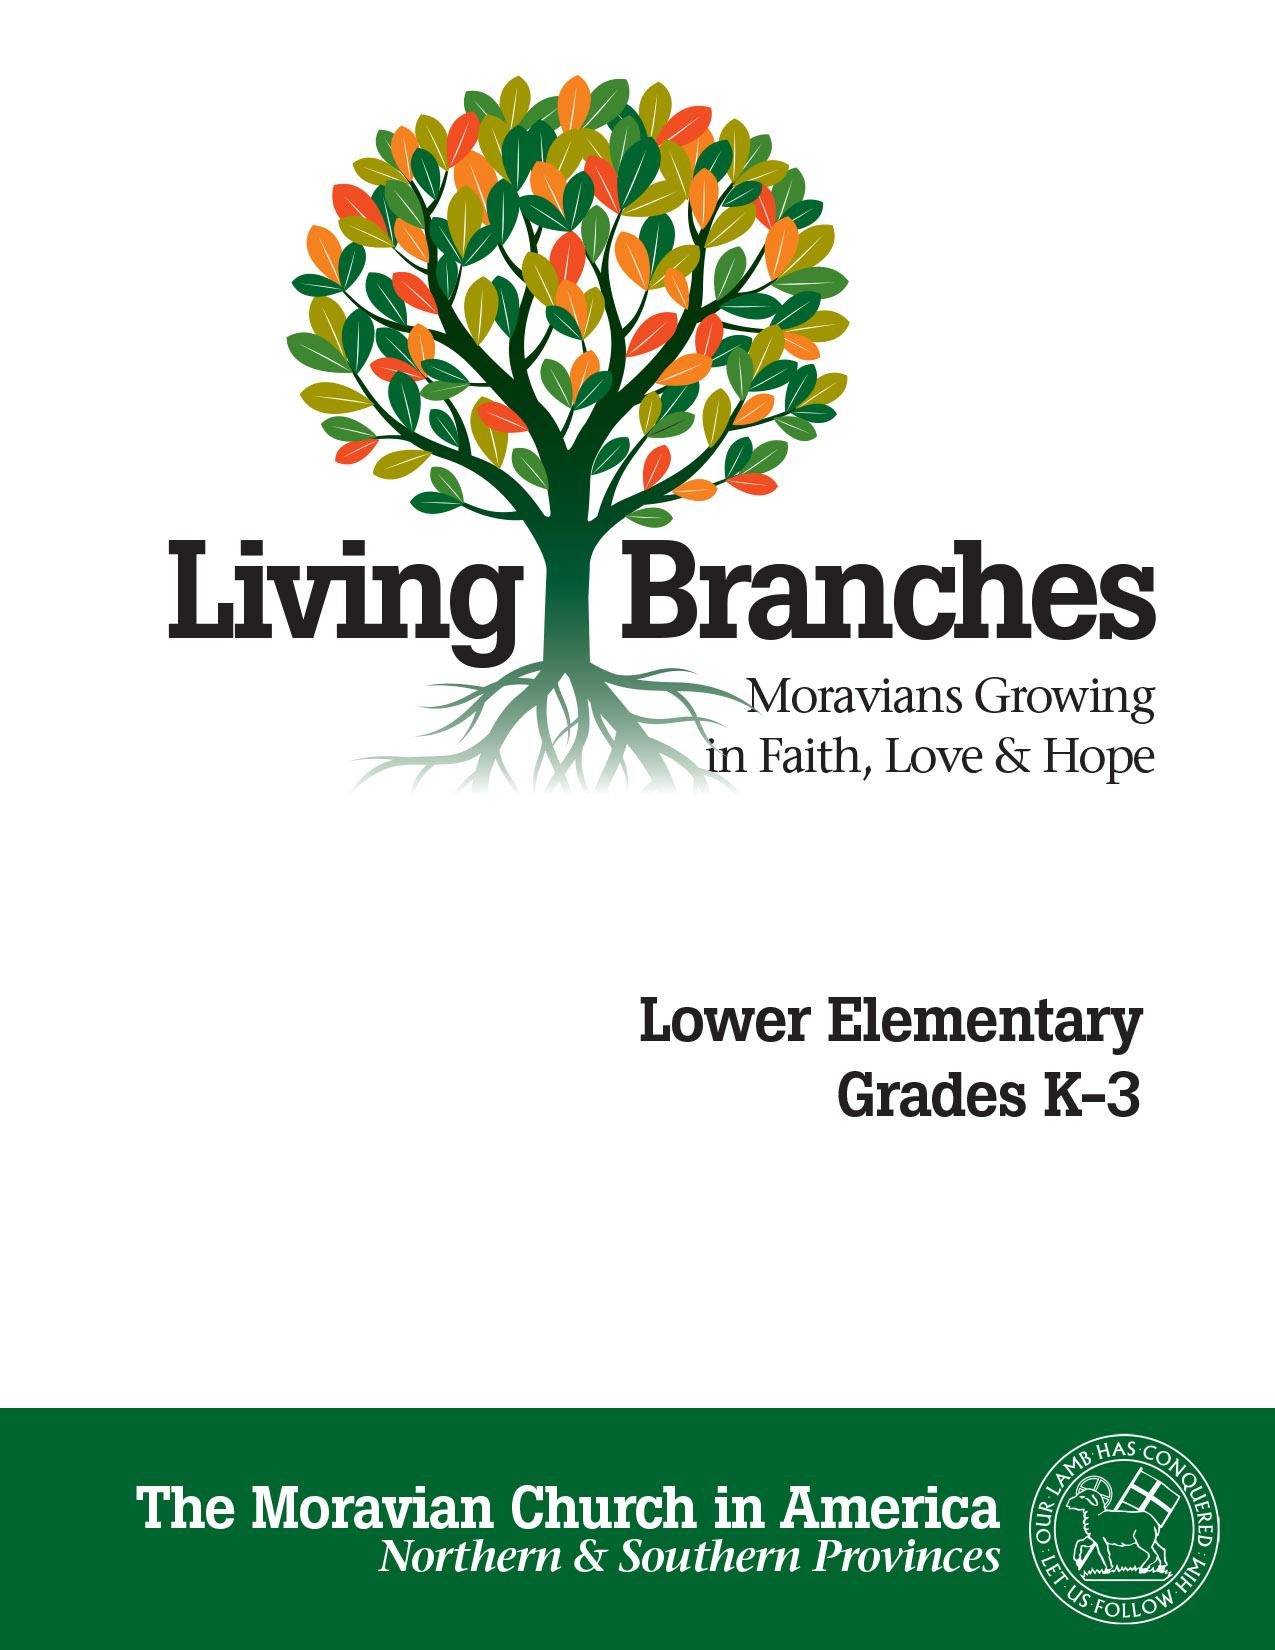 LivingBranchesLowerElementary